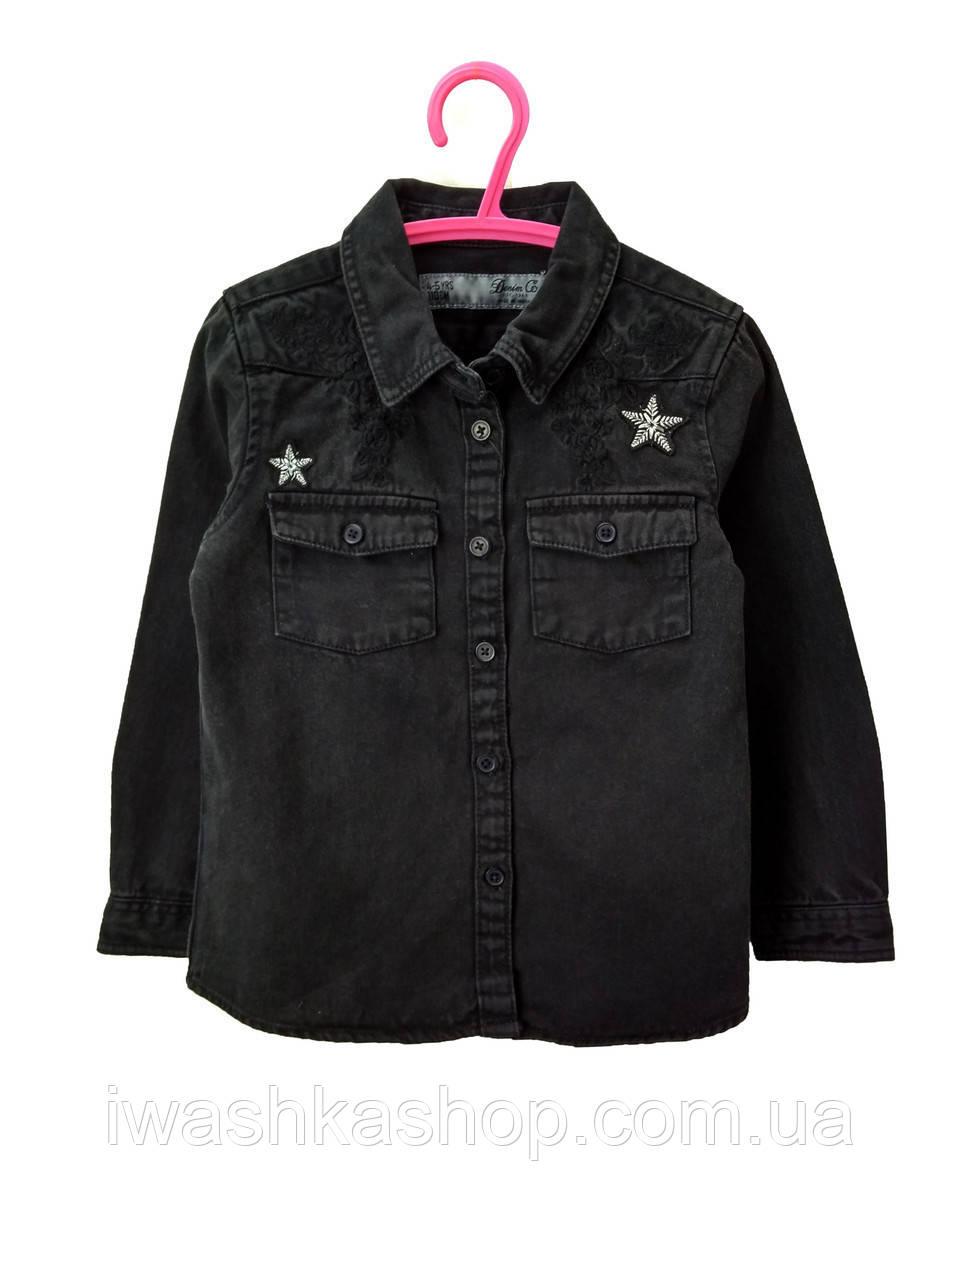 Чорна джинсова сорочка для дівчинки 4 - 5 років, Primark р. 110